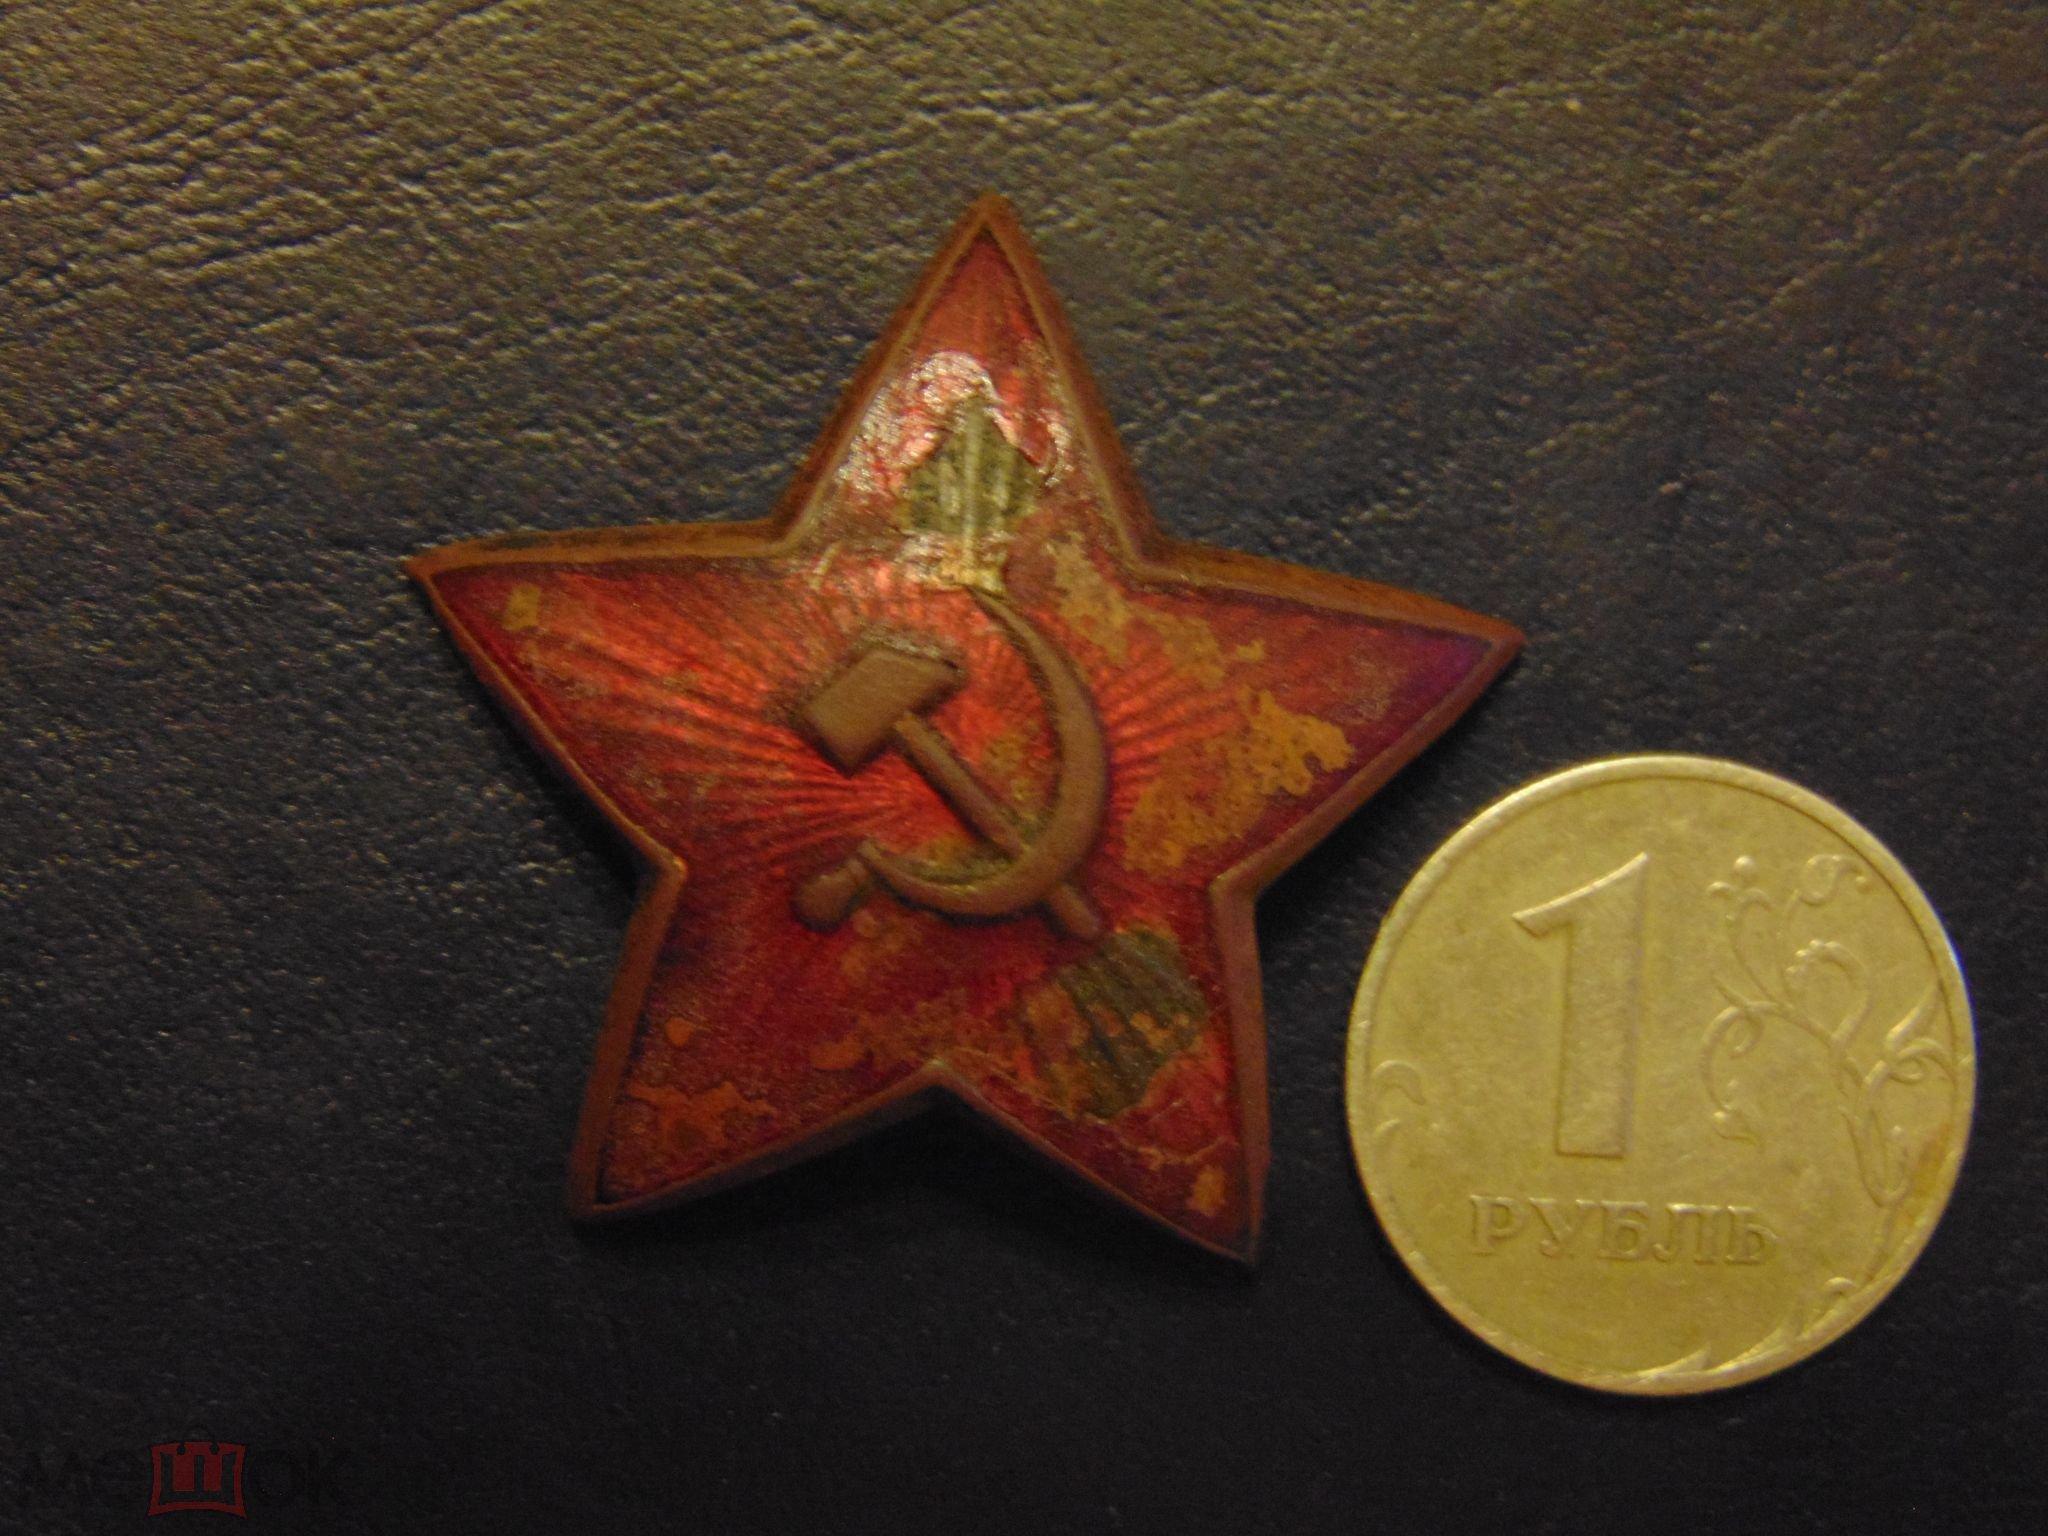 В и звезда в низу отребутика круг верху молот серп